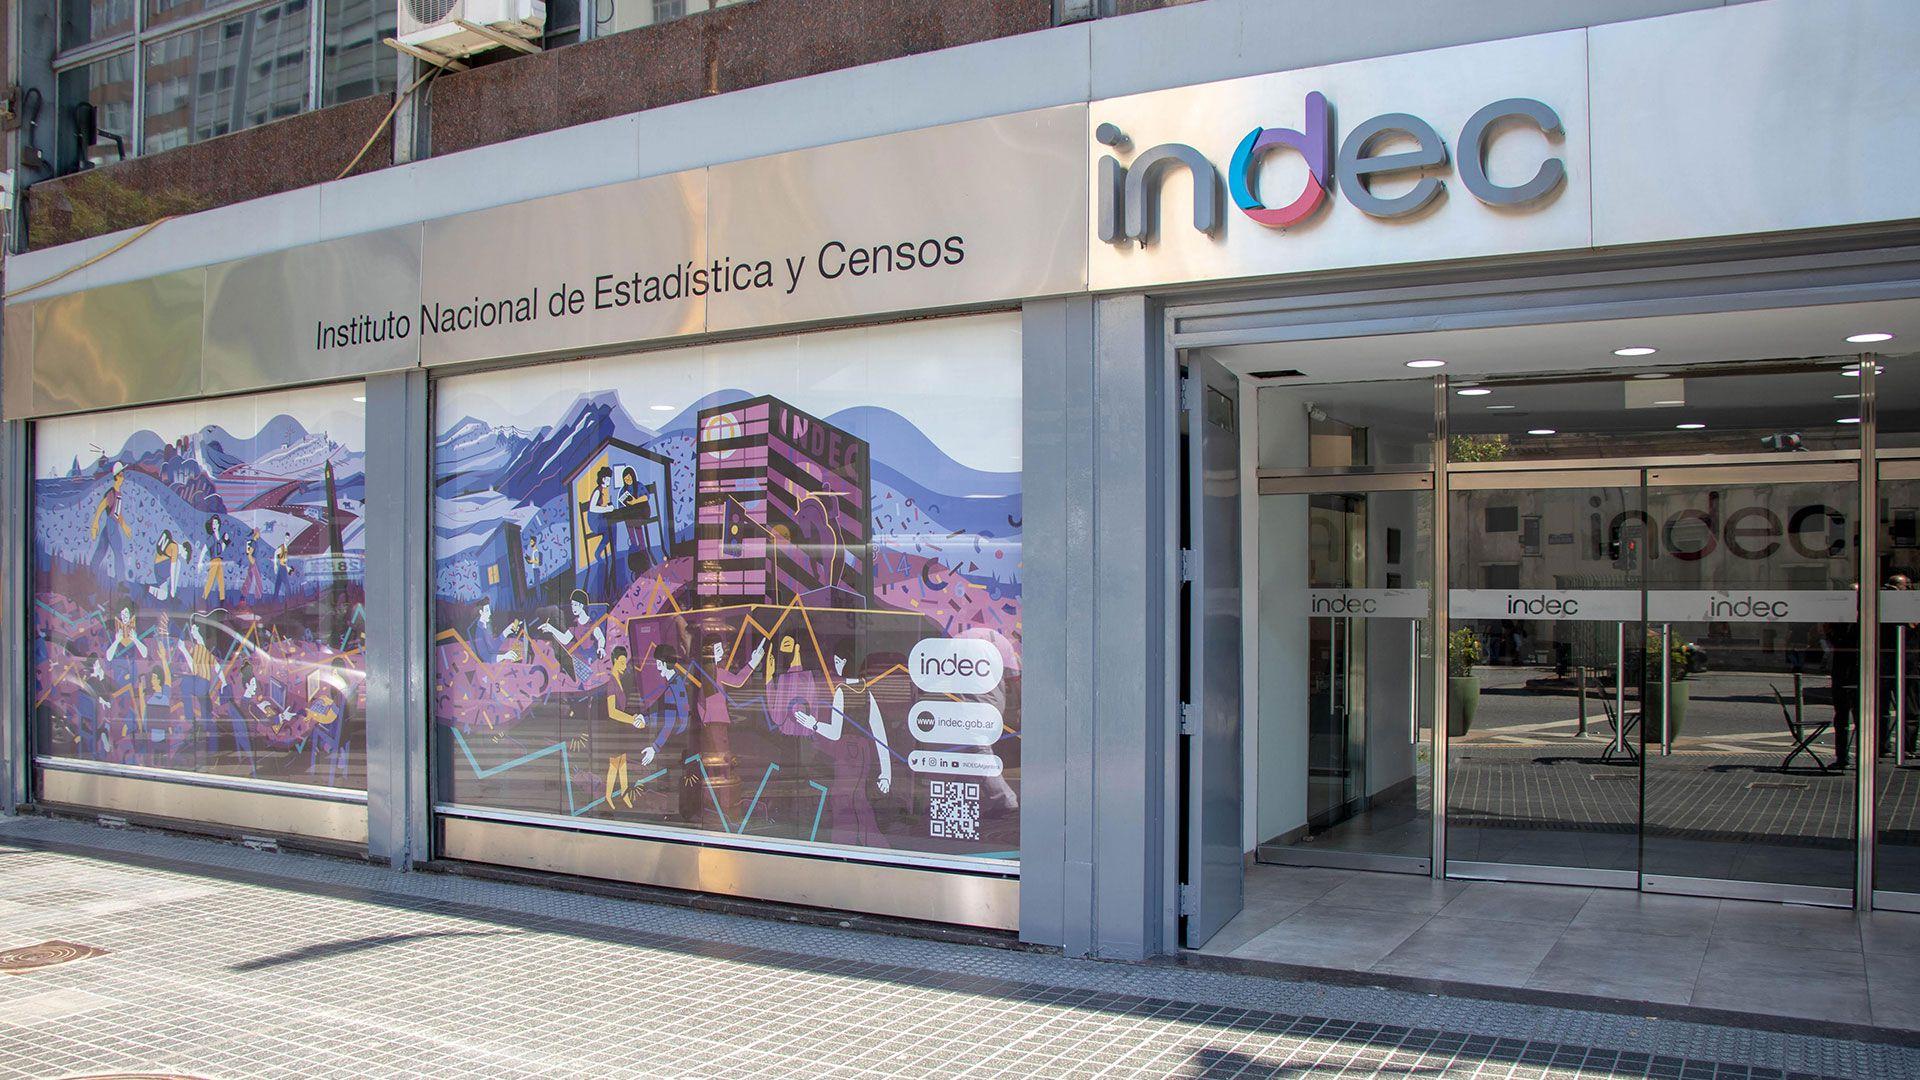 El Indec publicará hoy el dato de inflación del mes pasado